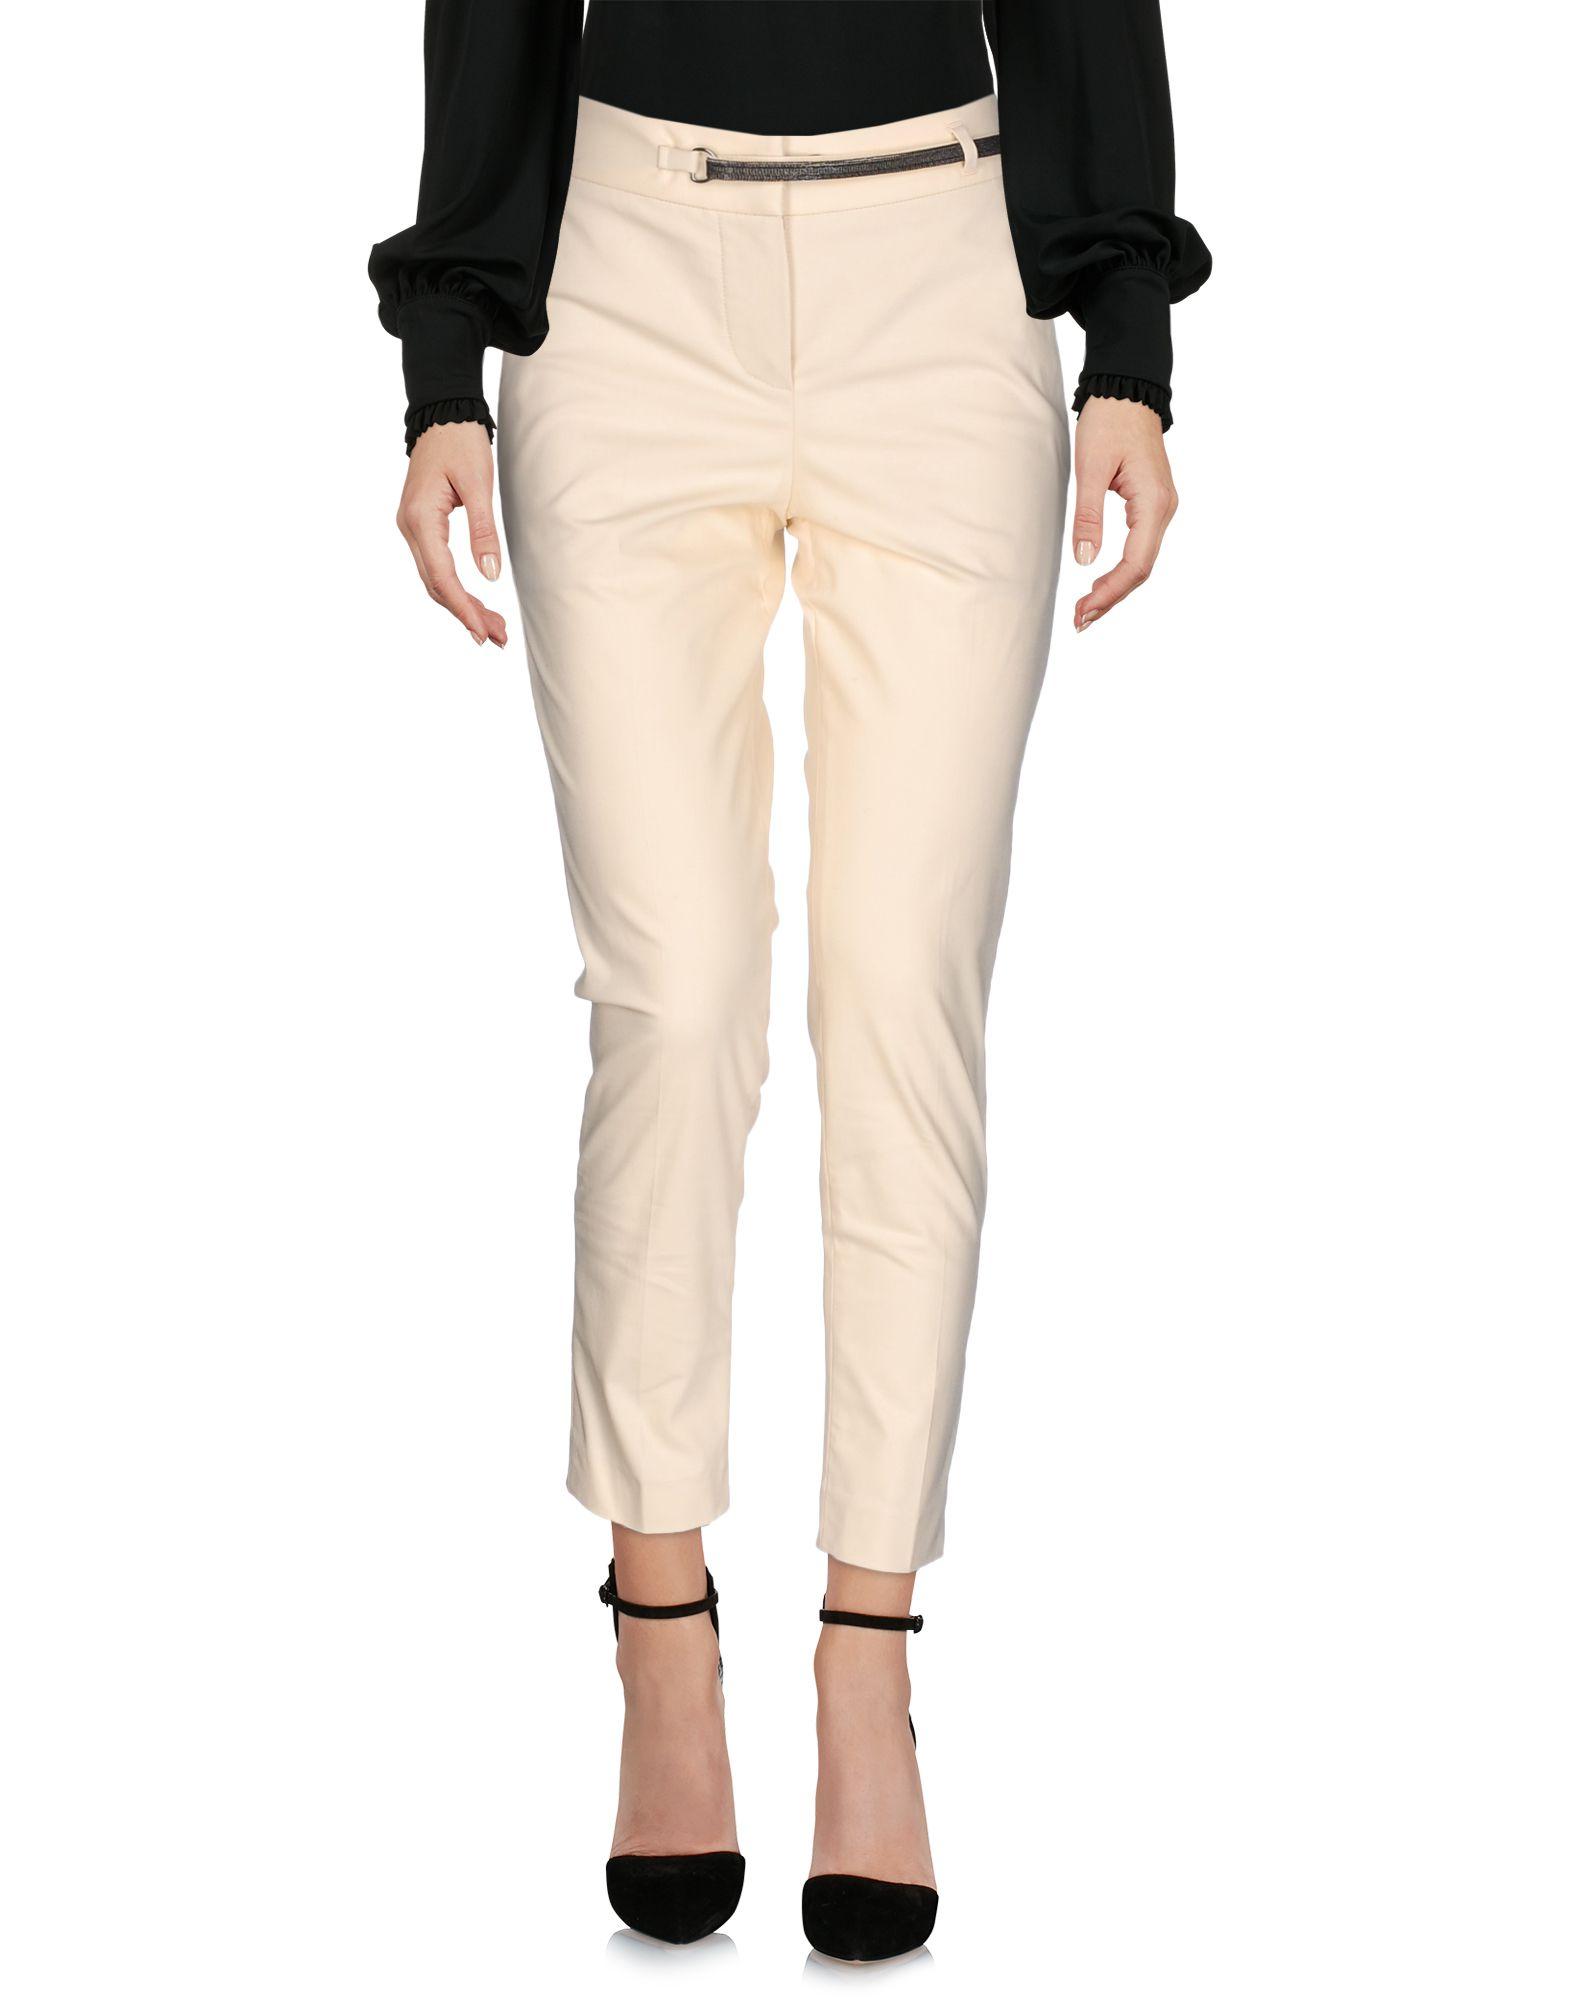 BRUNELLO CUCINELLI Damen Hose Farbe Elfenbein Größe 3 jetztbilligerkaufen